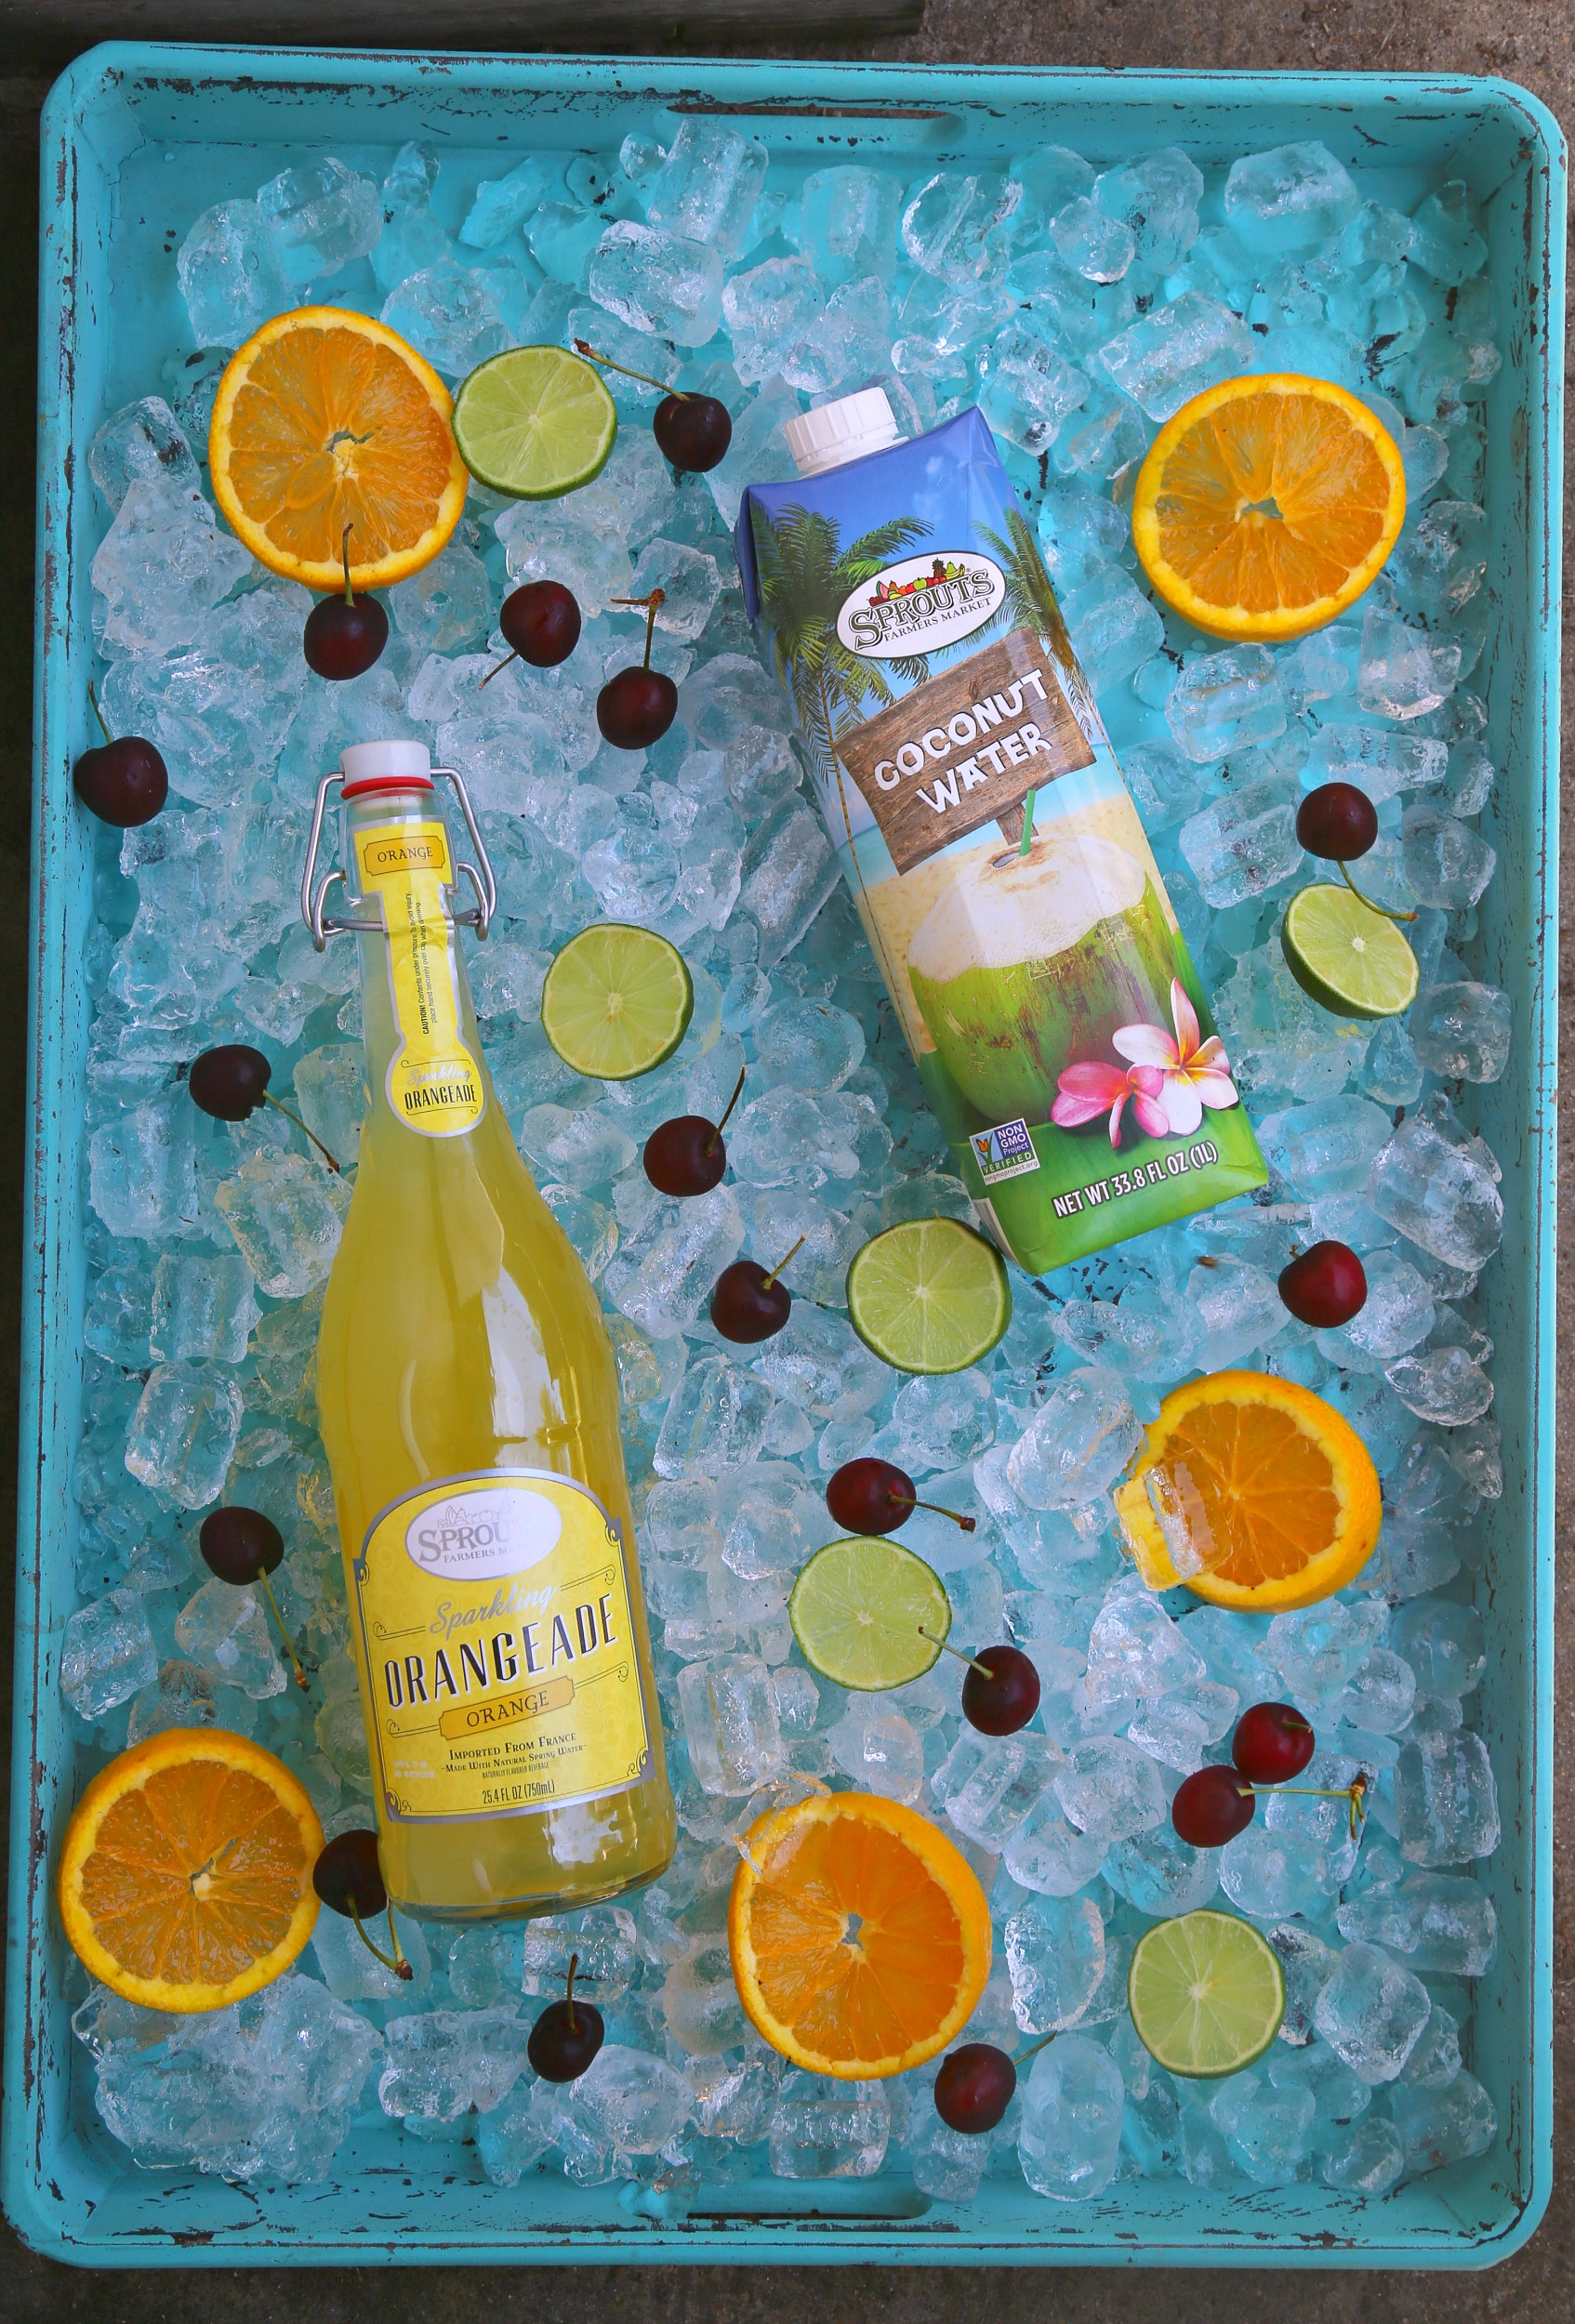 Sprouts-coconut-water-citrus-sangria-vianneyrodriguez-sweetlifebake